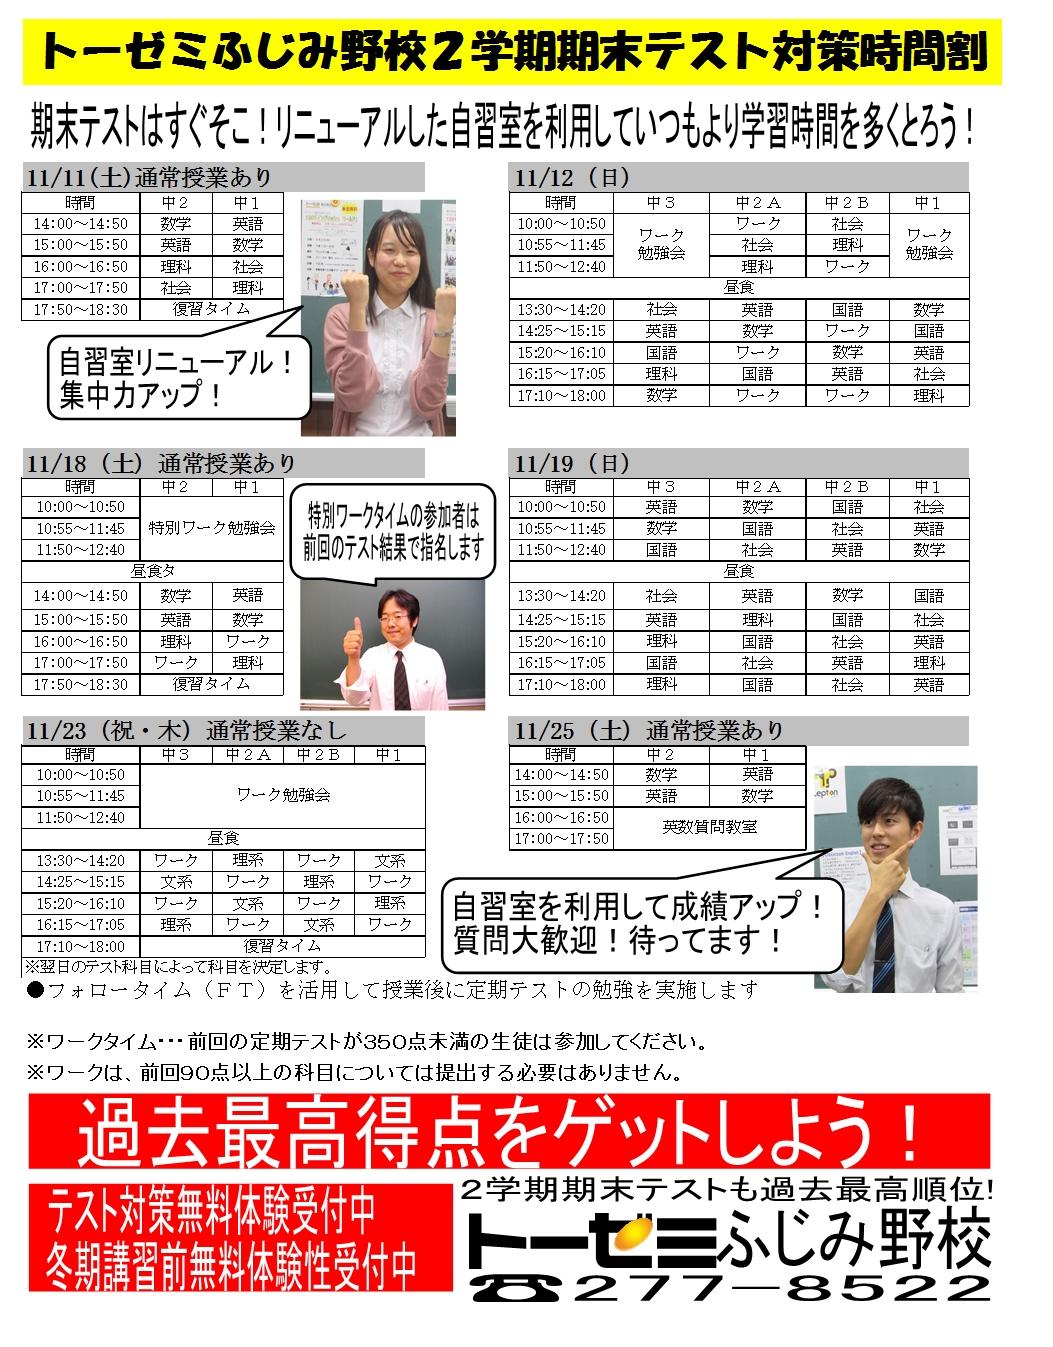 学習塾トーゼミ ふじみの校 2学期期末テスト 対策時間割